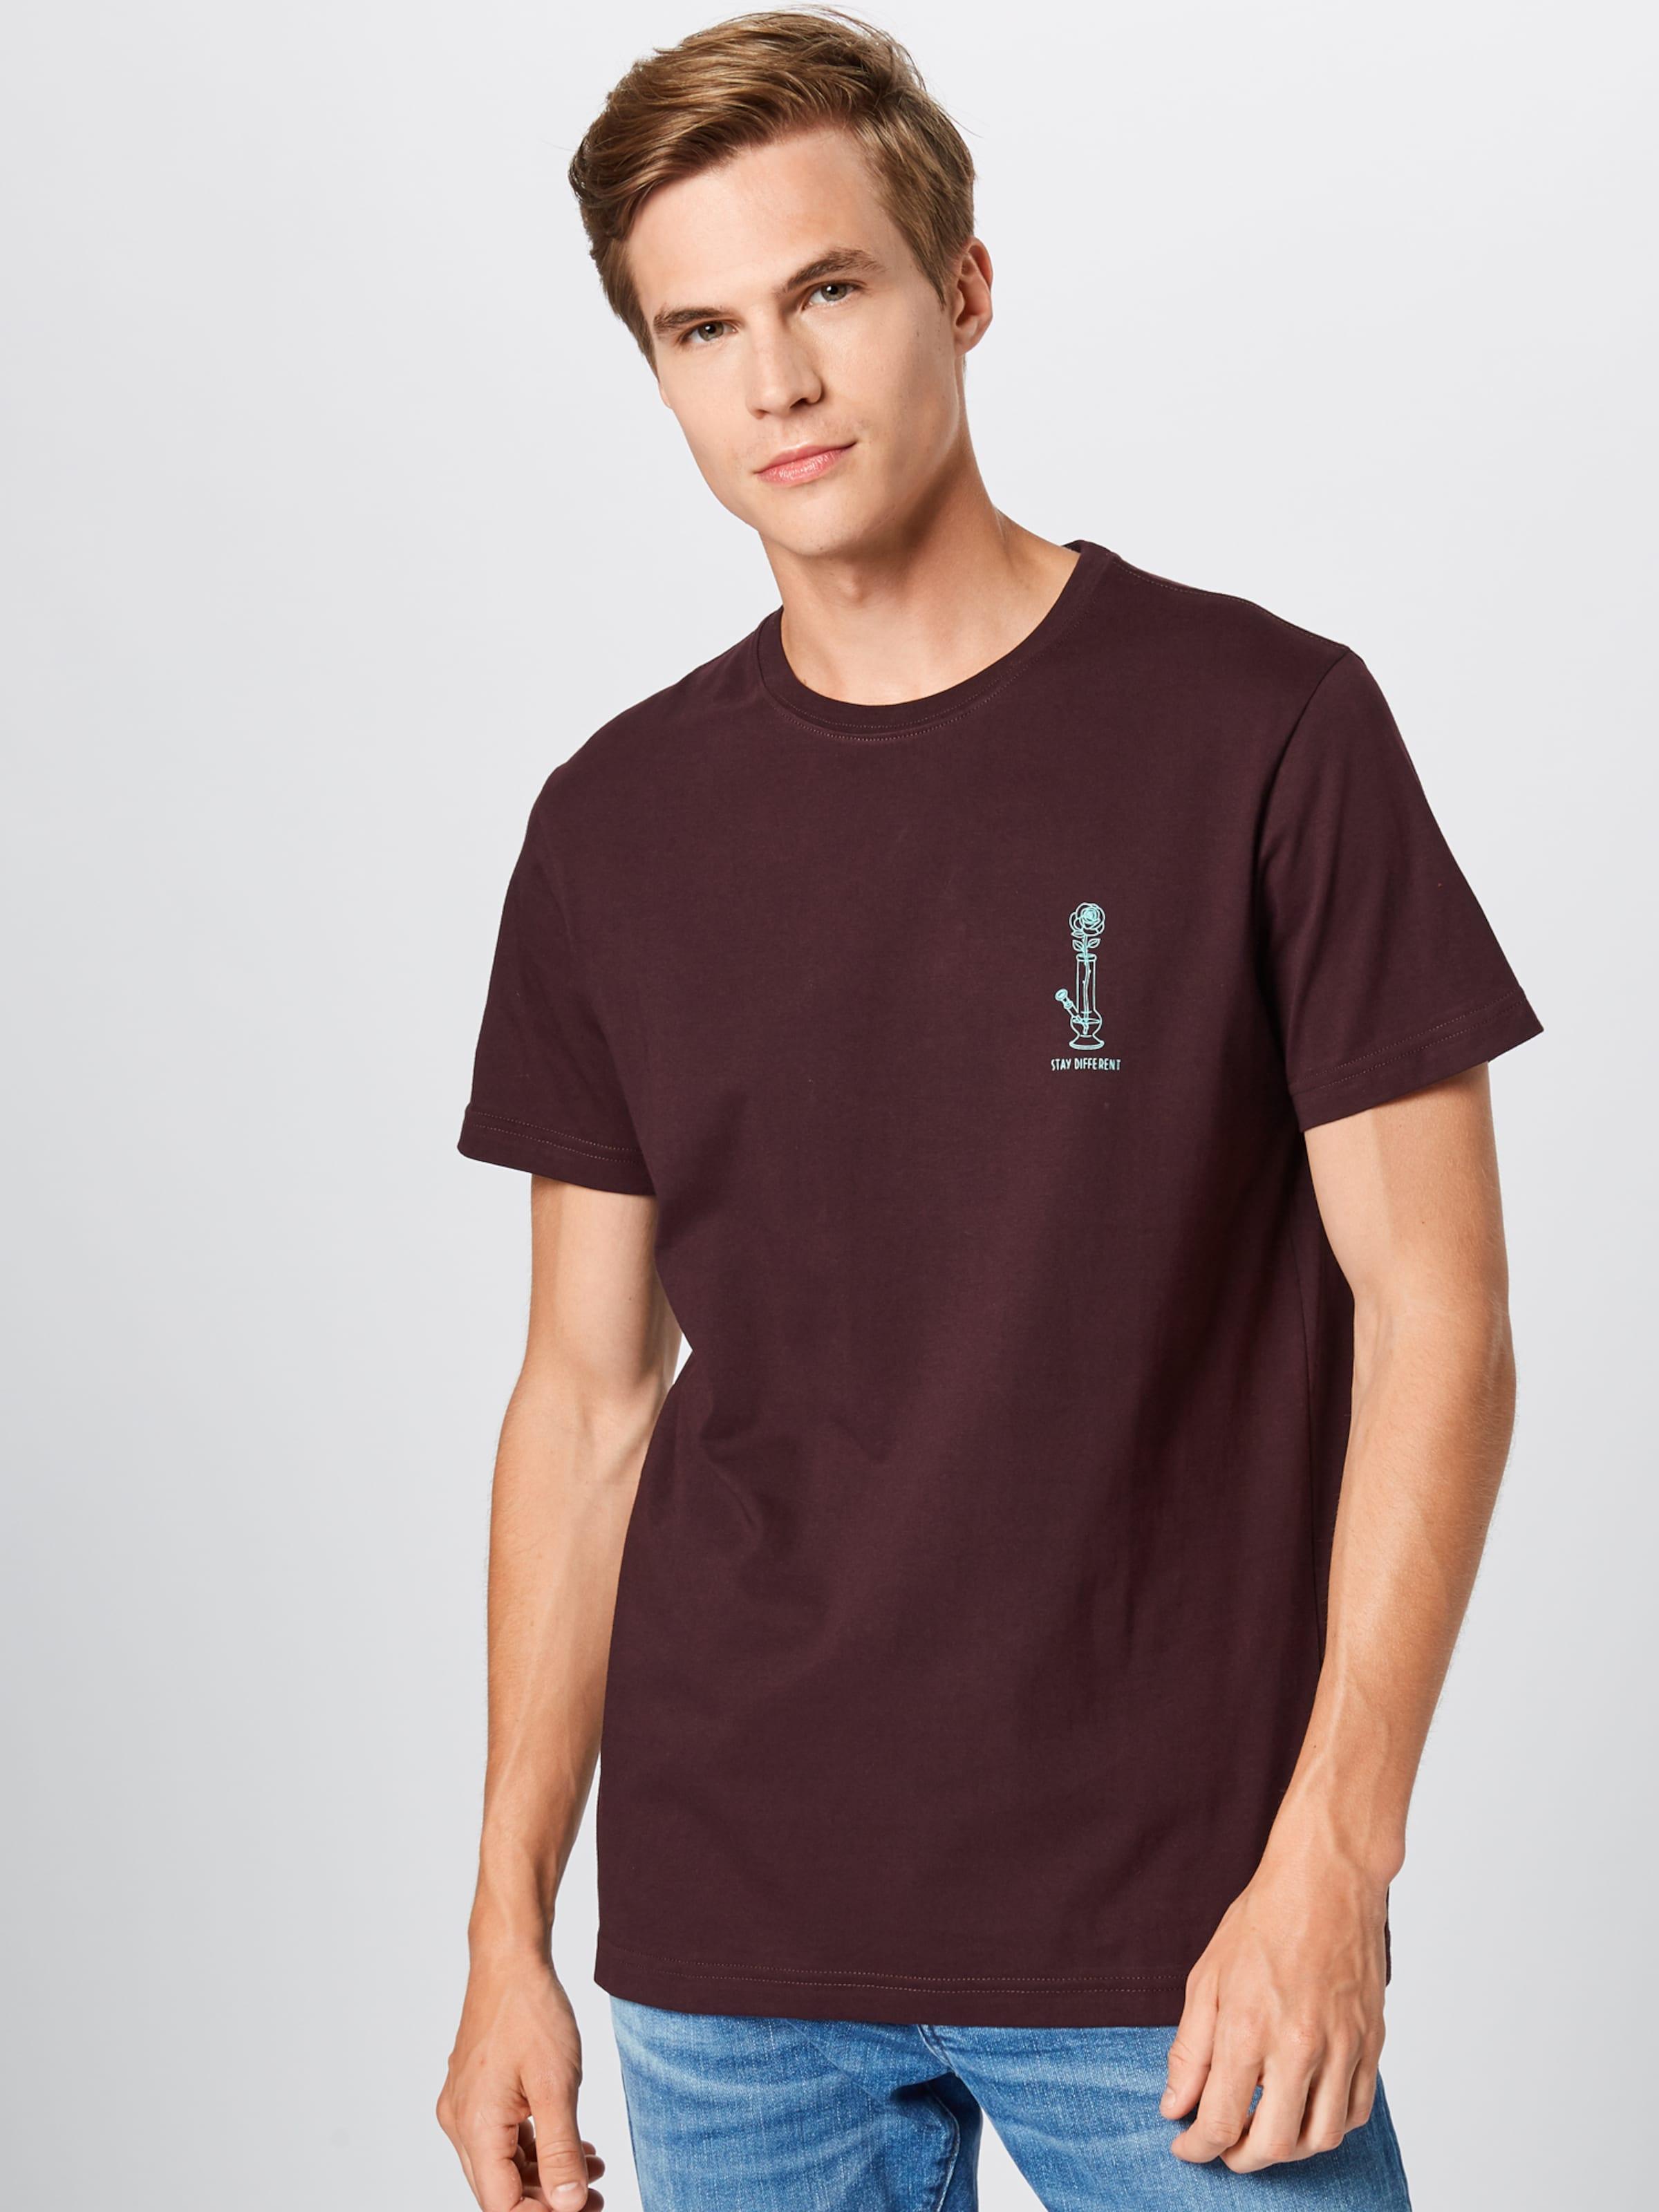 In Iriedaily 'rosebong Tee' Shirt Aubergine rxBdCshotQ